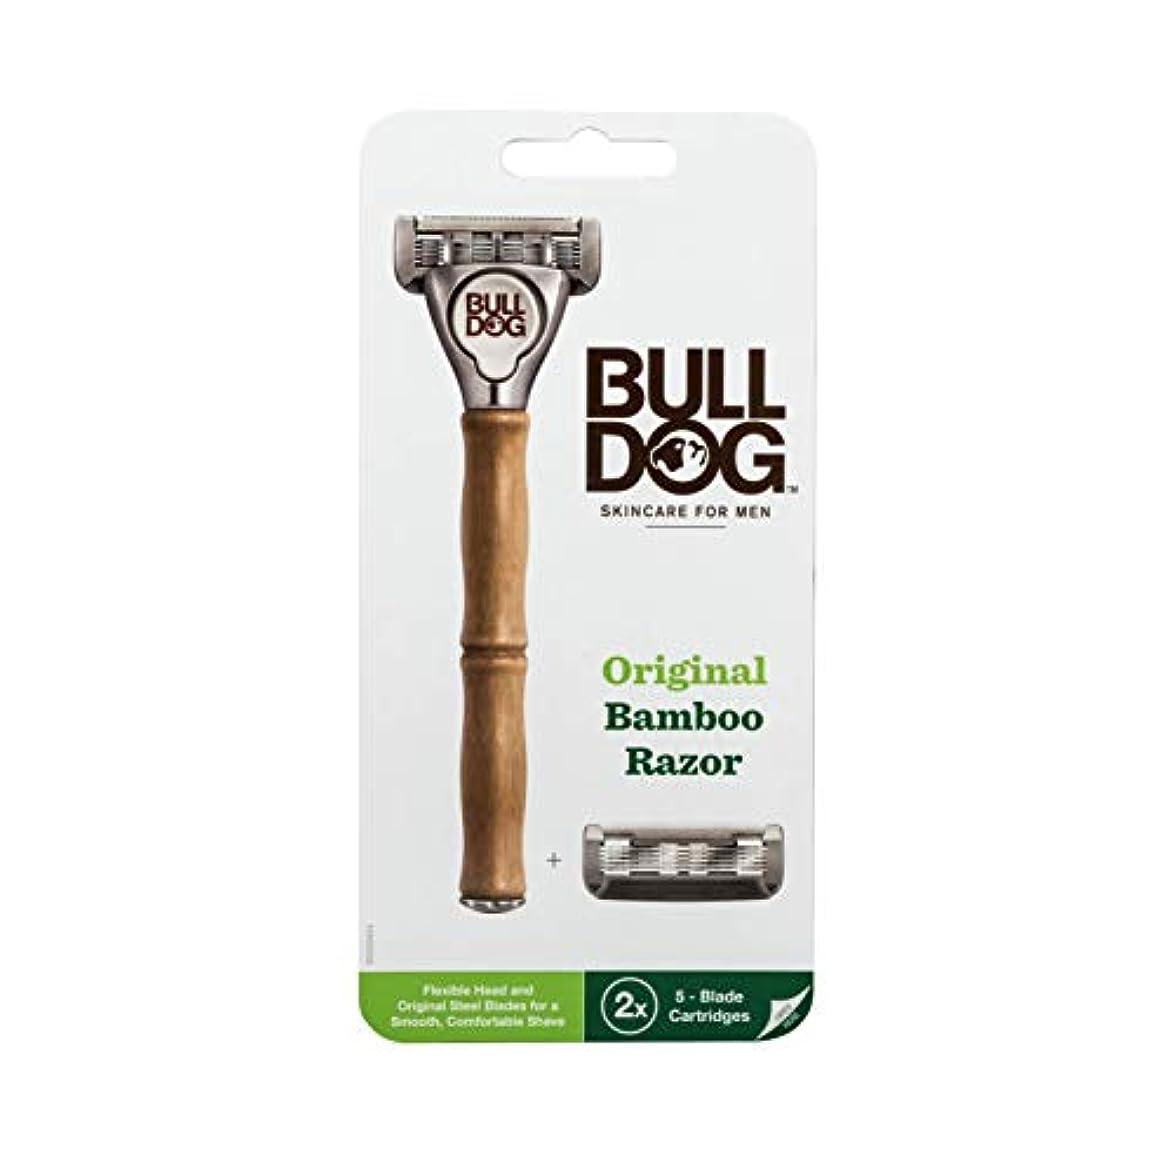 才能のある海スリップBulldog(ブルドッグ) ブルドッグ Bulldog 5枚刃 オリジナルバンブーホルダー 水に強い竹製ハンドル 替刃 2コ付 男性カミソリ ホルダー(1本)、替刃2コ付き(内1コ本体装着済み)